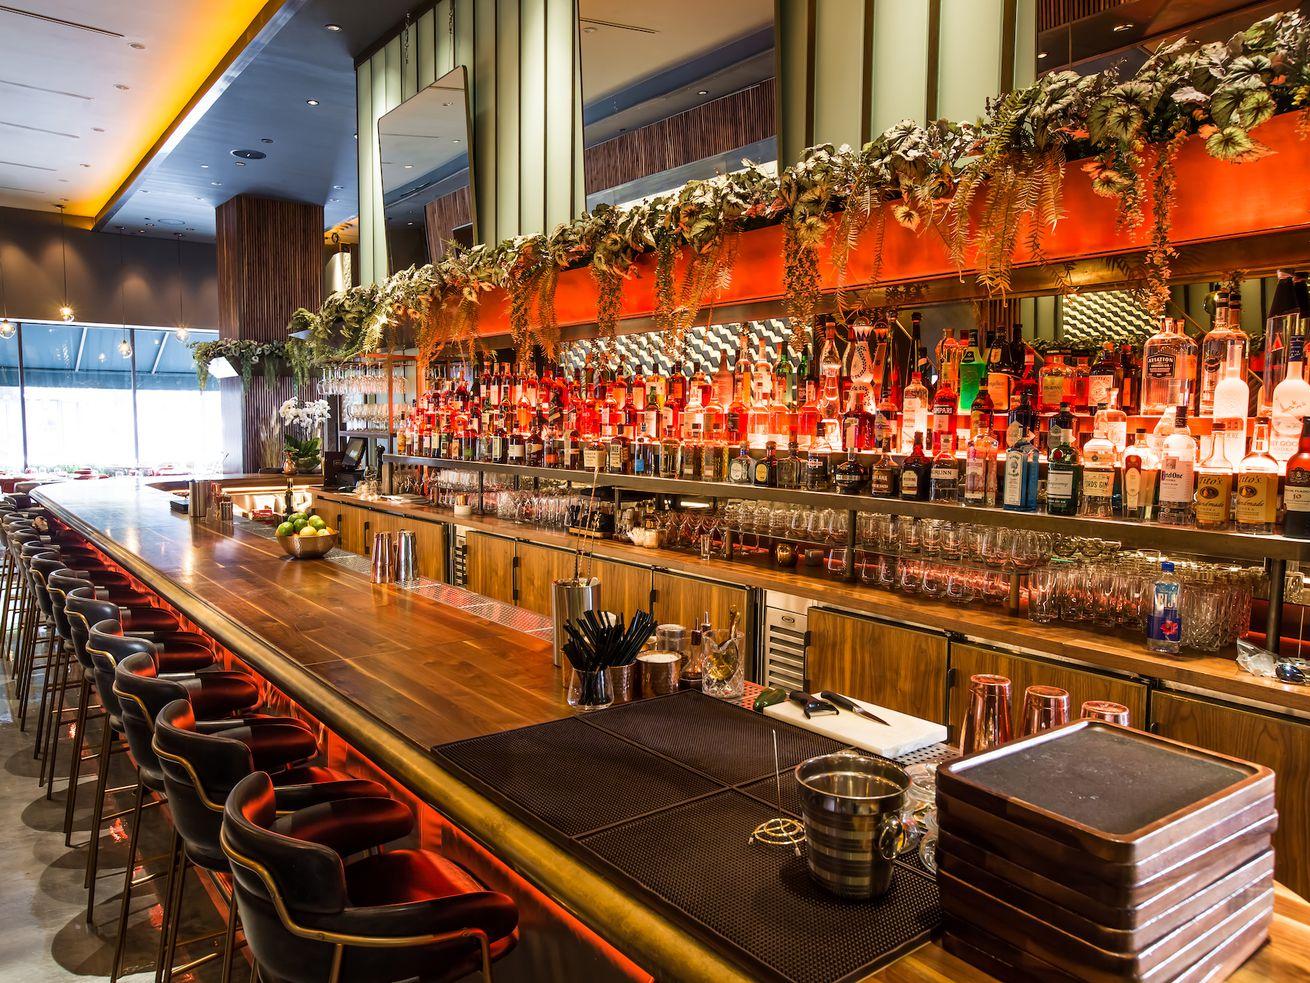 The bar at Le Grand